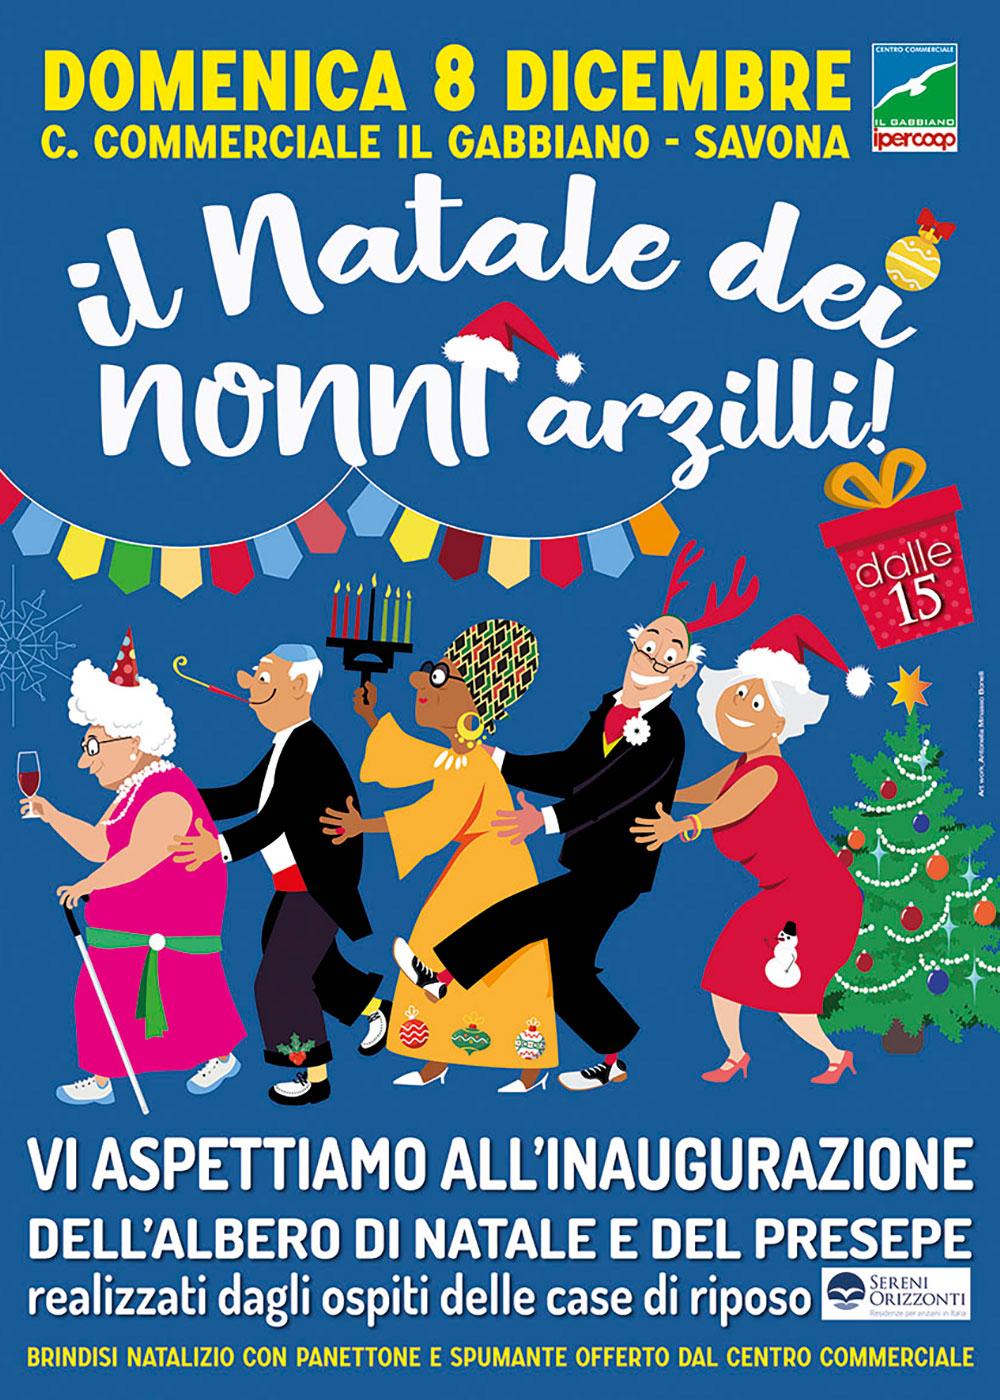 08 dicembre Il Natale dei nonni arzilli!